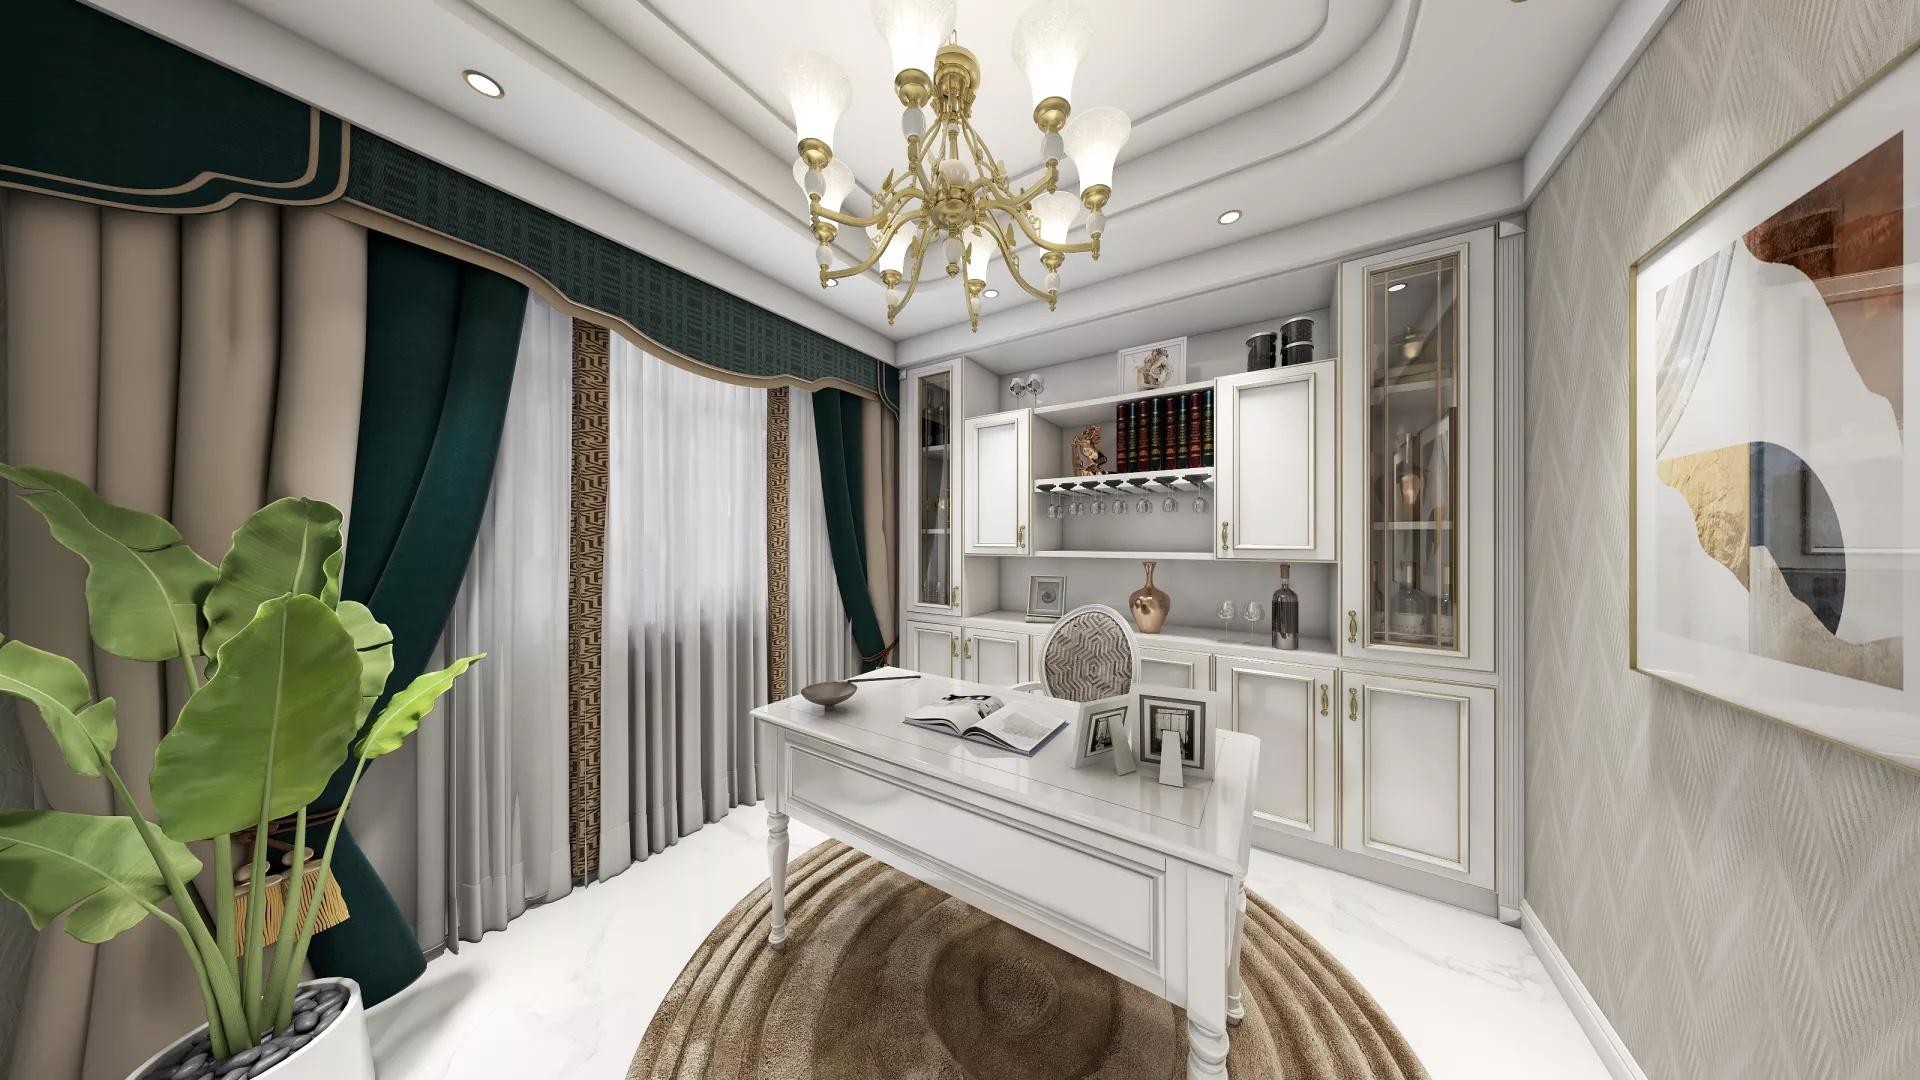 乌鲁木齐市超凡空间装饰设计有限公司